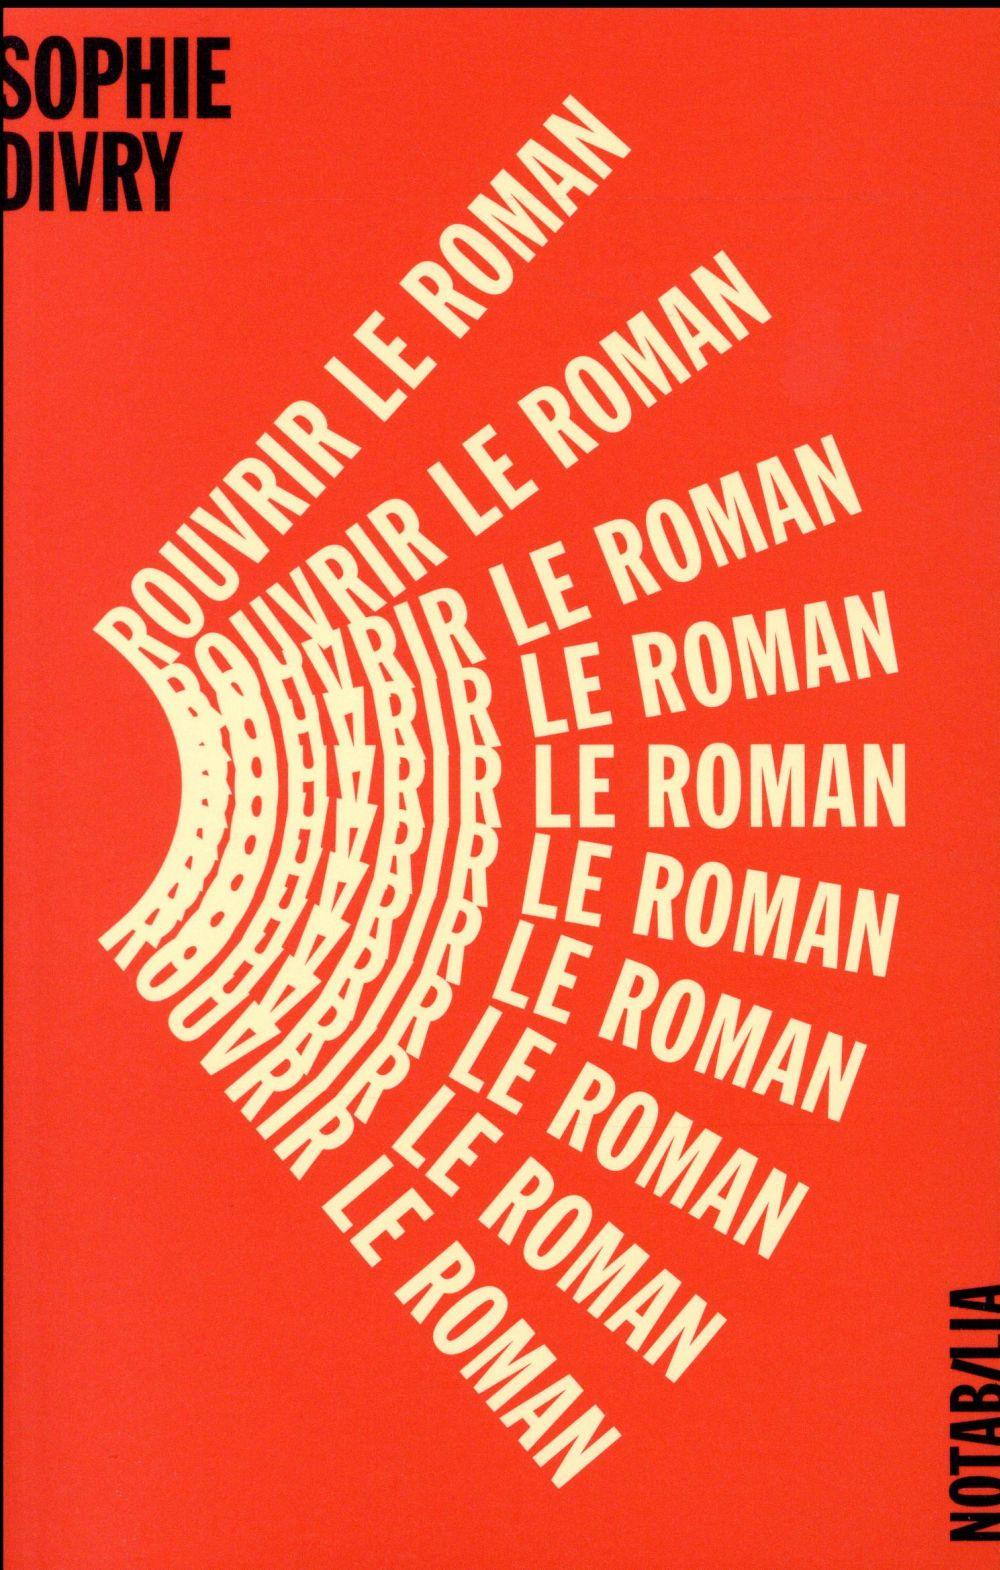 ROUVRIR LE ROMAN